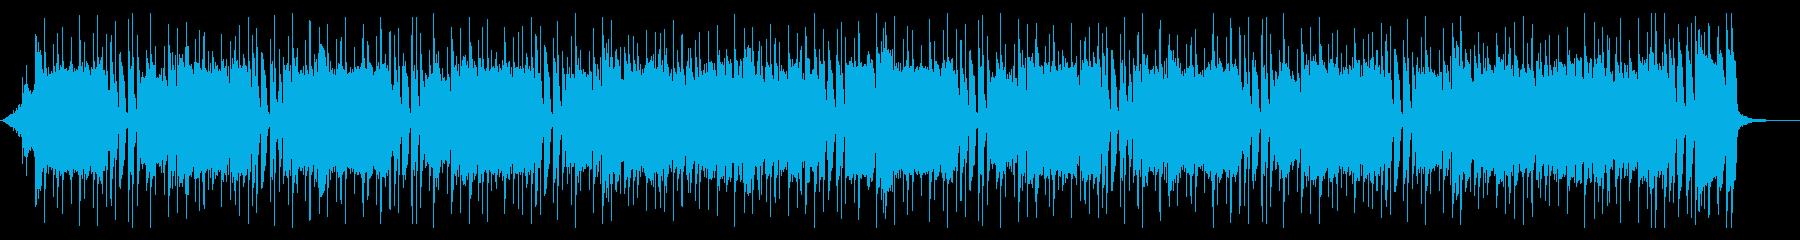 ストリングスが華やかで上品な前向きBGMの再生済みの波形